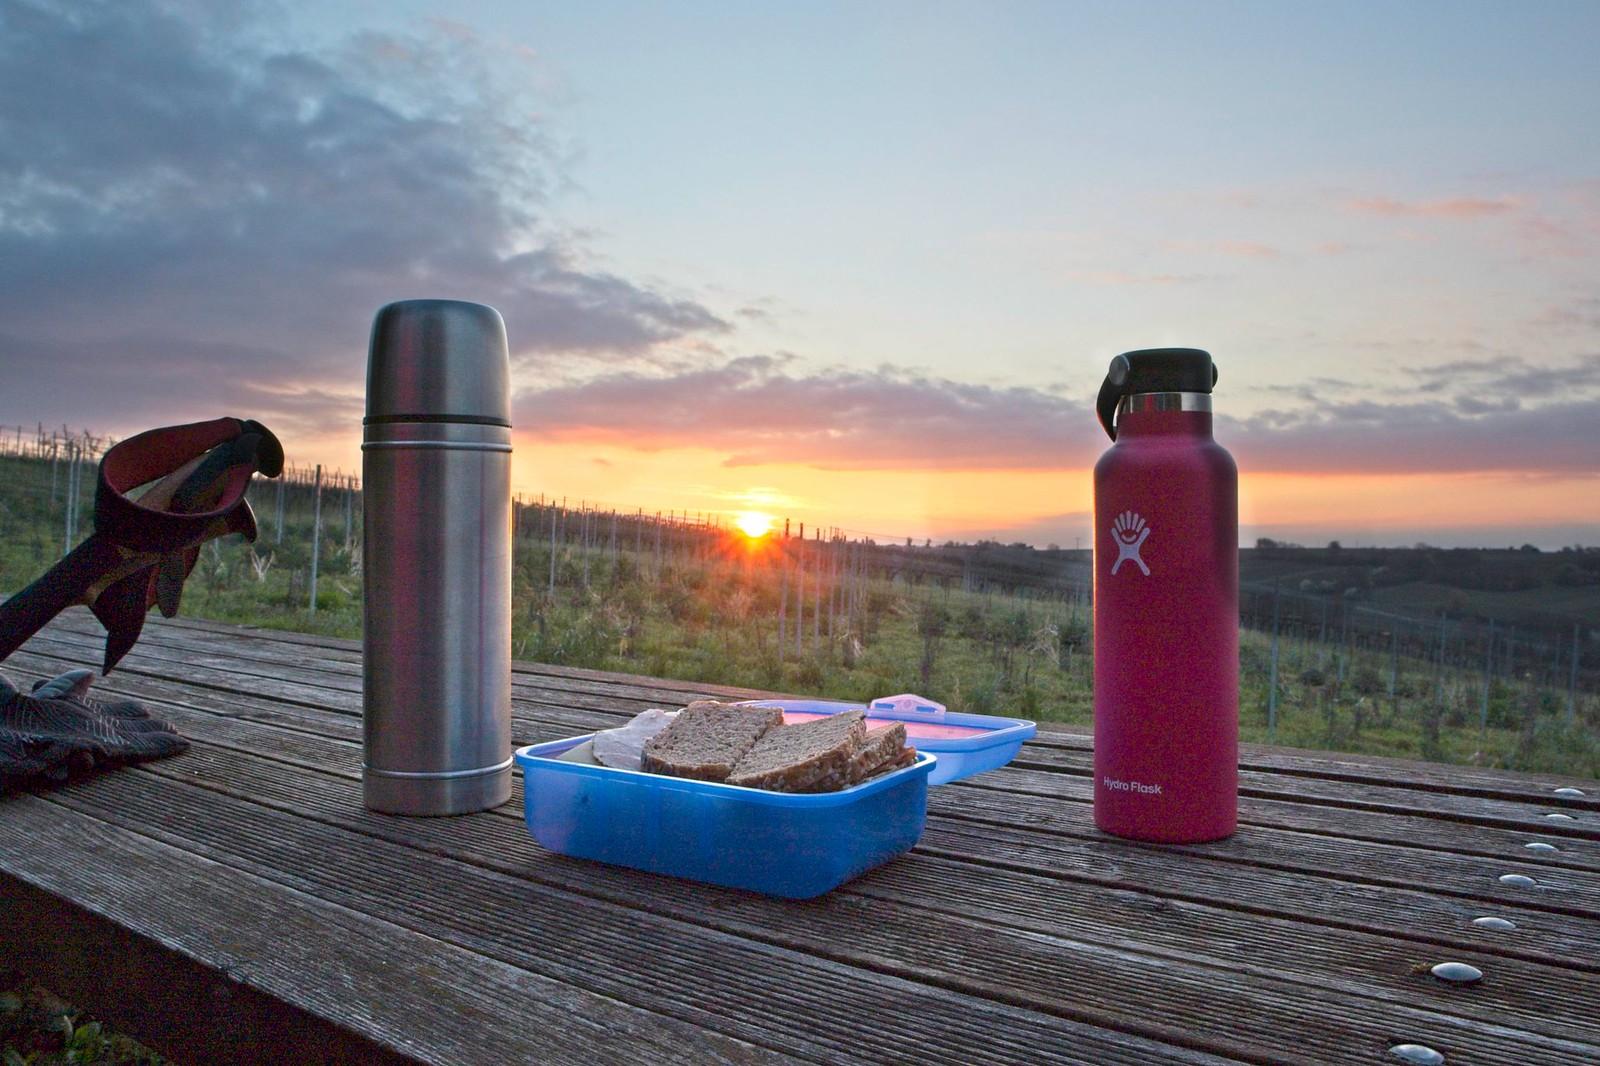 Brotzeit und Kaffee bei Sonnenaufgang am Tisch des Weines (unterhalb Windhäuser Hof)